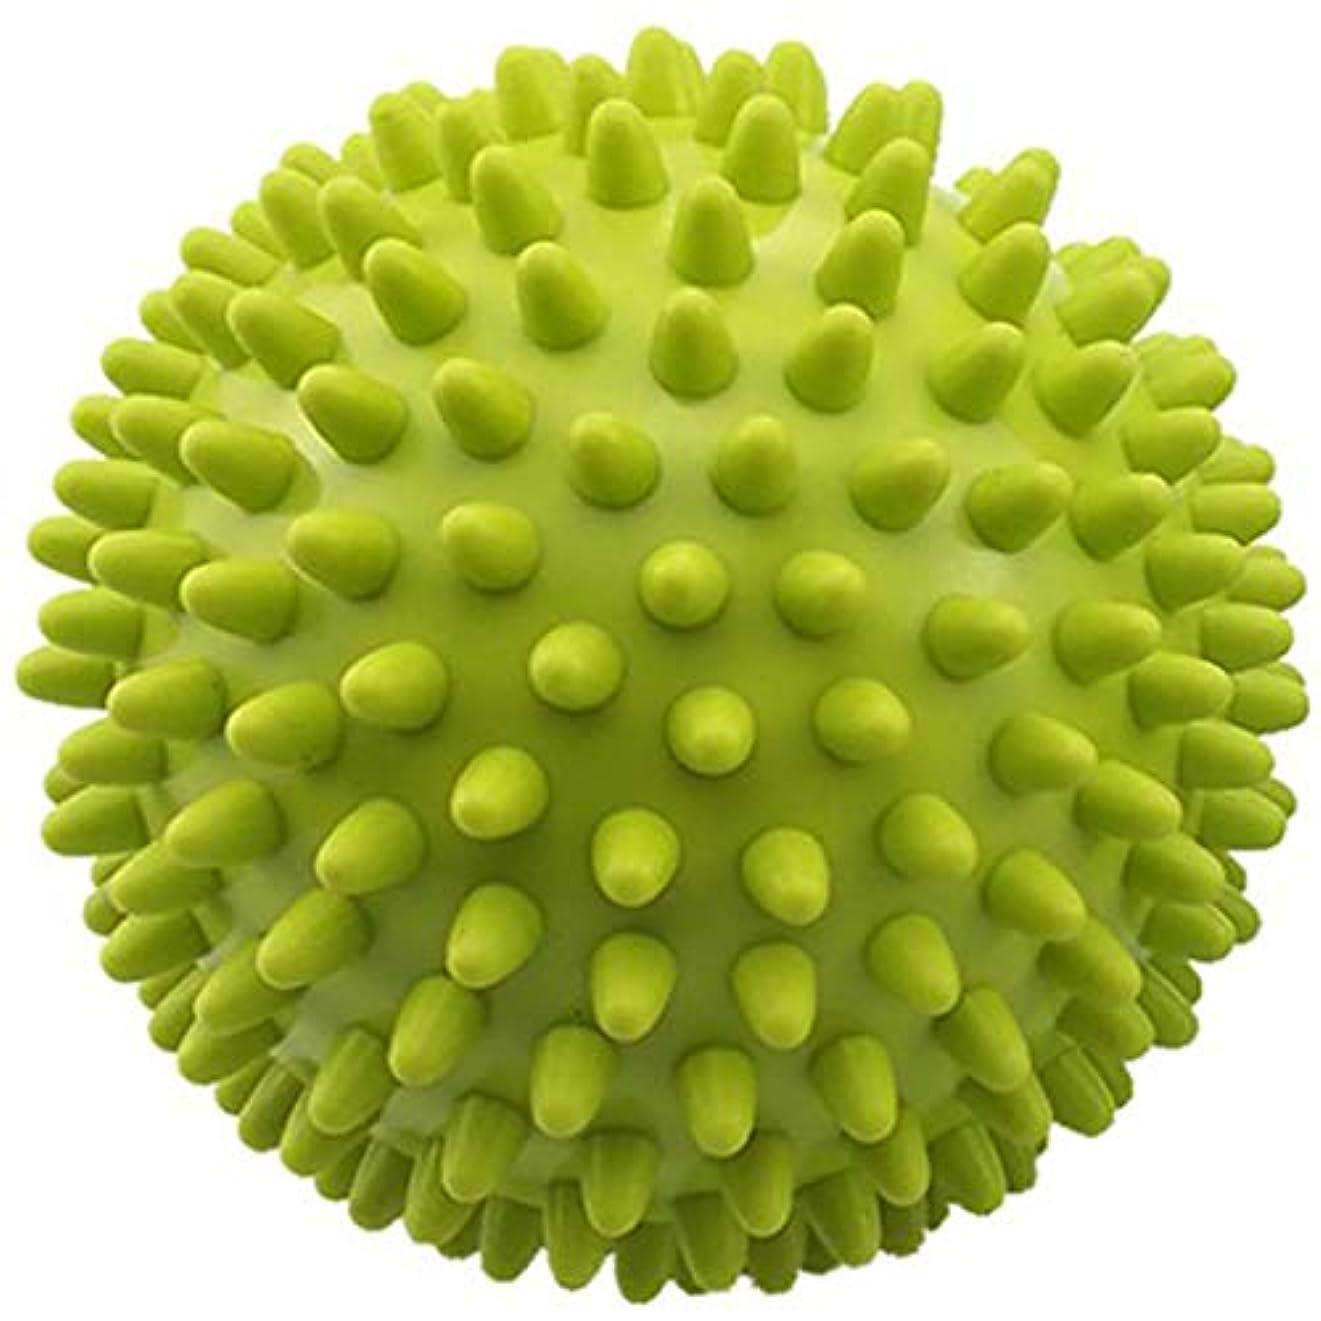 メロディアス信じる期限Homeland マッサージボール 足つぼマッサージ 指先強化 血液循環促進 グリーン